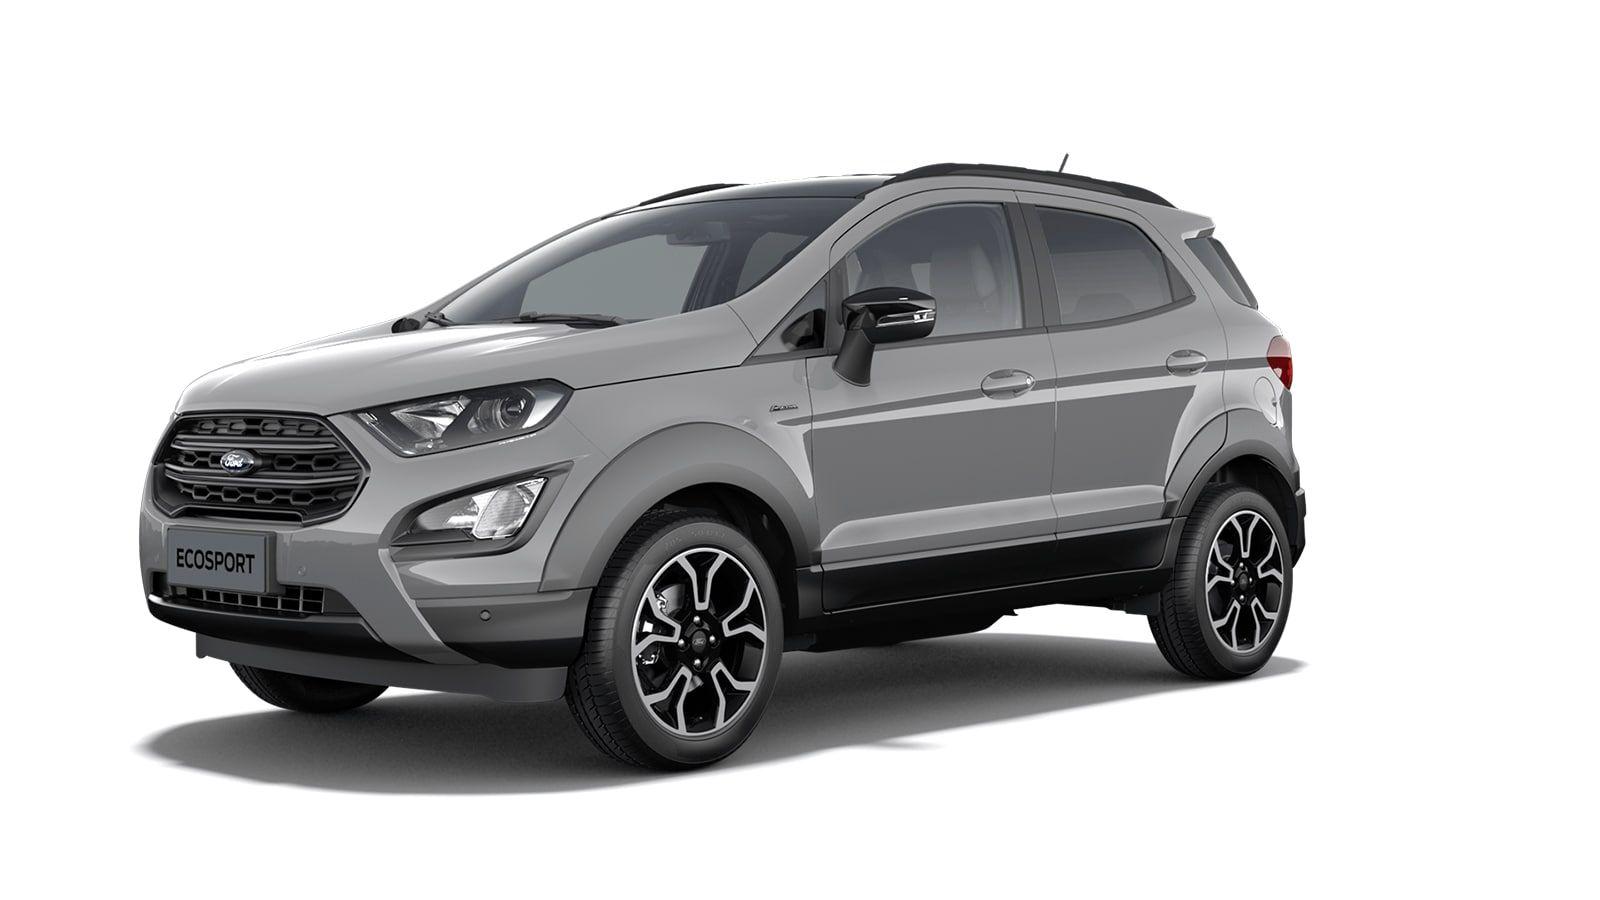 """New Ford New ecosport Active 1.0i EcoBoost 125pk / 92kW M6 - 5d 6GJ - Speciale niet-metaalkleur """"Grey Matter"""" 1"""